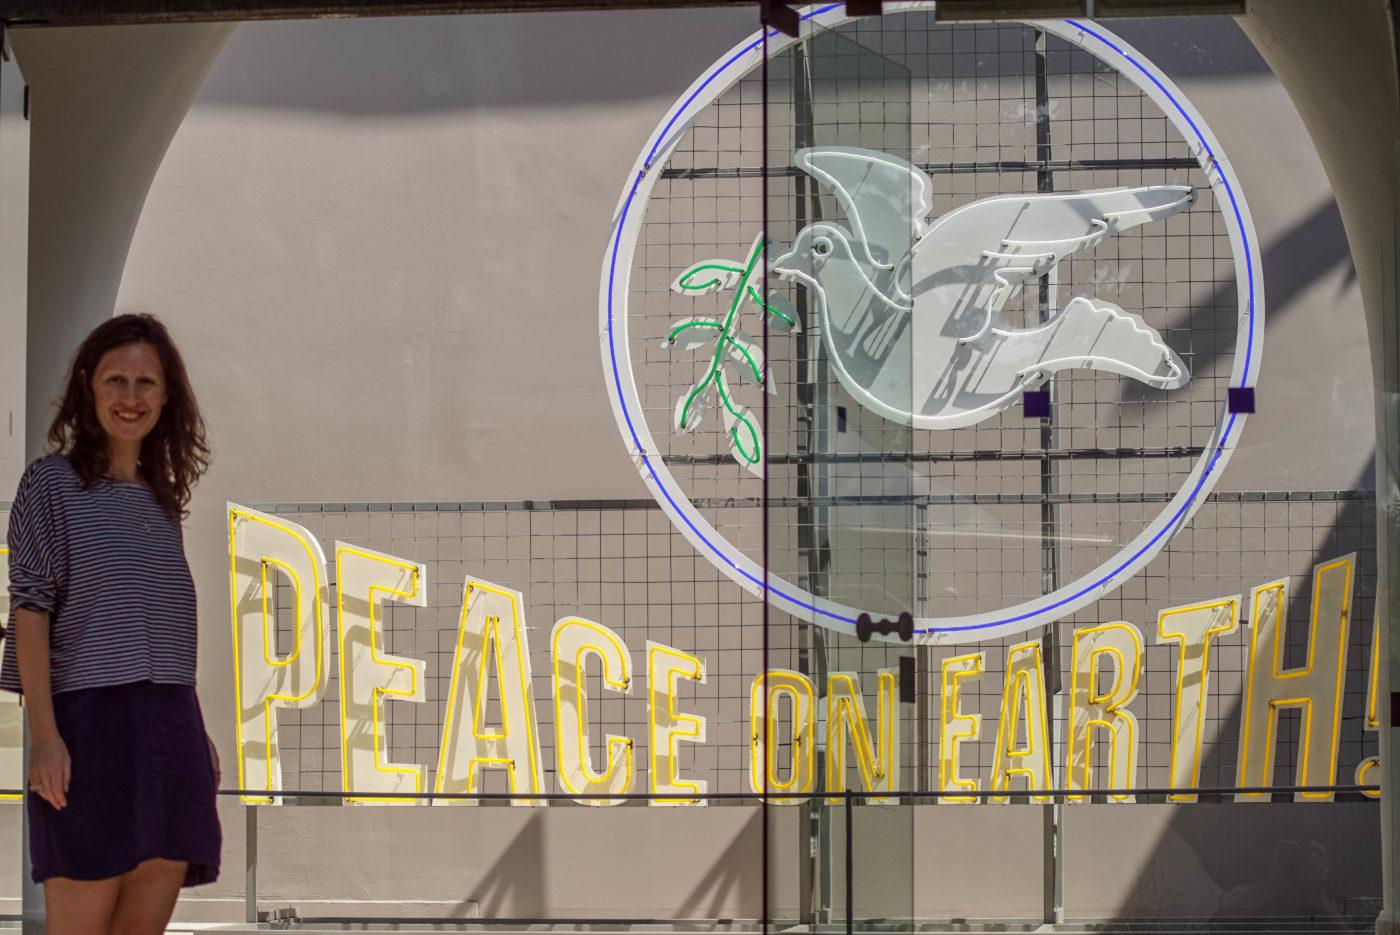 """Lea steht vor dem ungarischen Pavillon Eingang und lächelt frölich in die Kamera. Neben ihr ist aus dünnen Neonröhren eine weiße Taube mit grünem zweig zu sehen, sie umschließt ein gelber Kreis. Darunter ist der Schriftzug """"peace on earth!"""" zu lesen"""